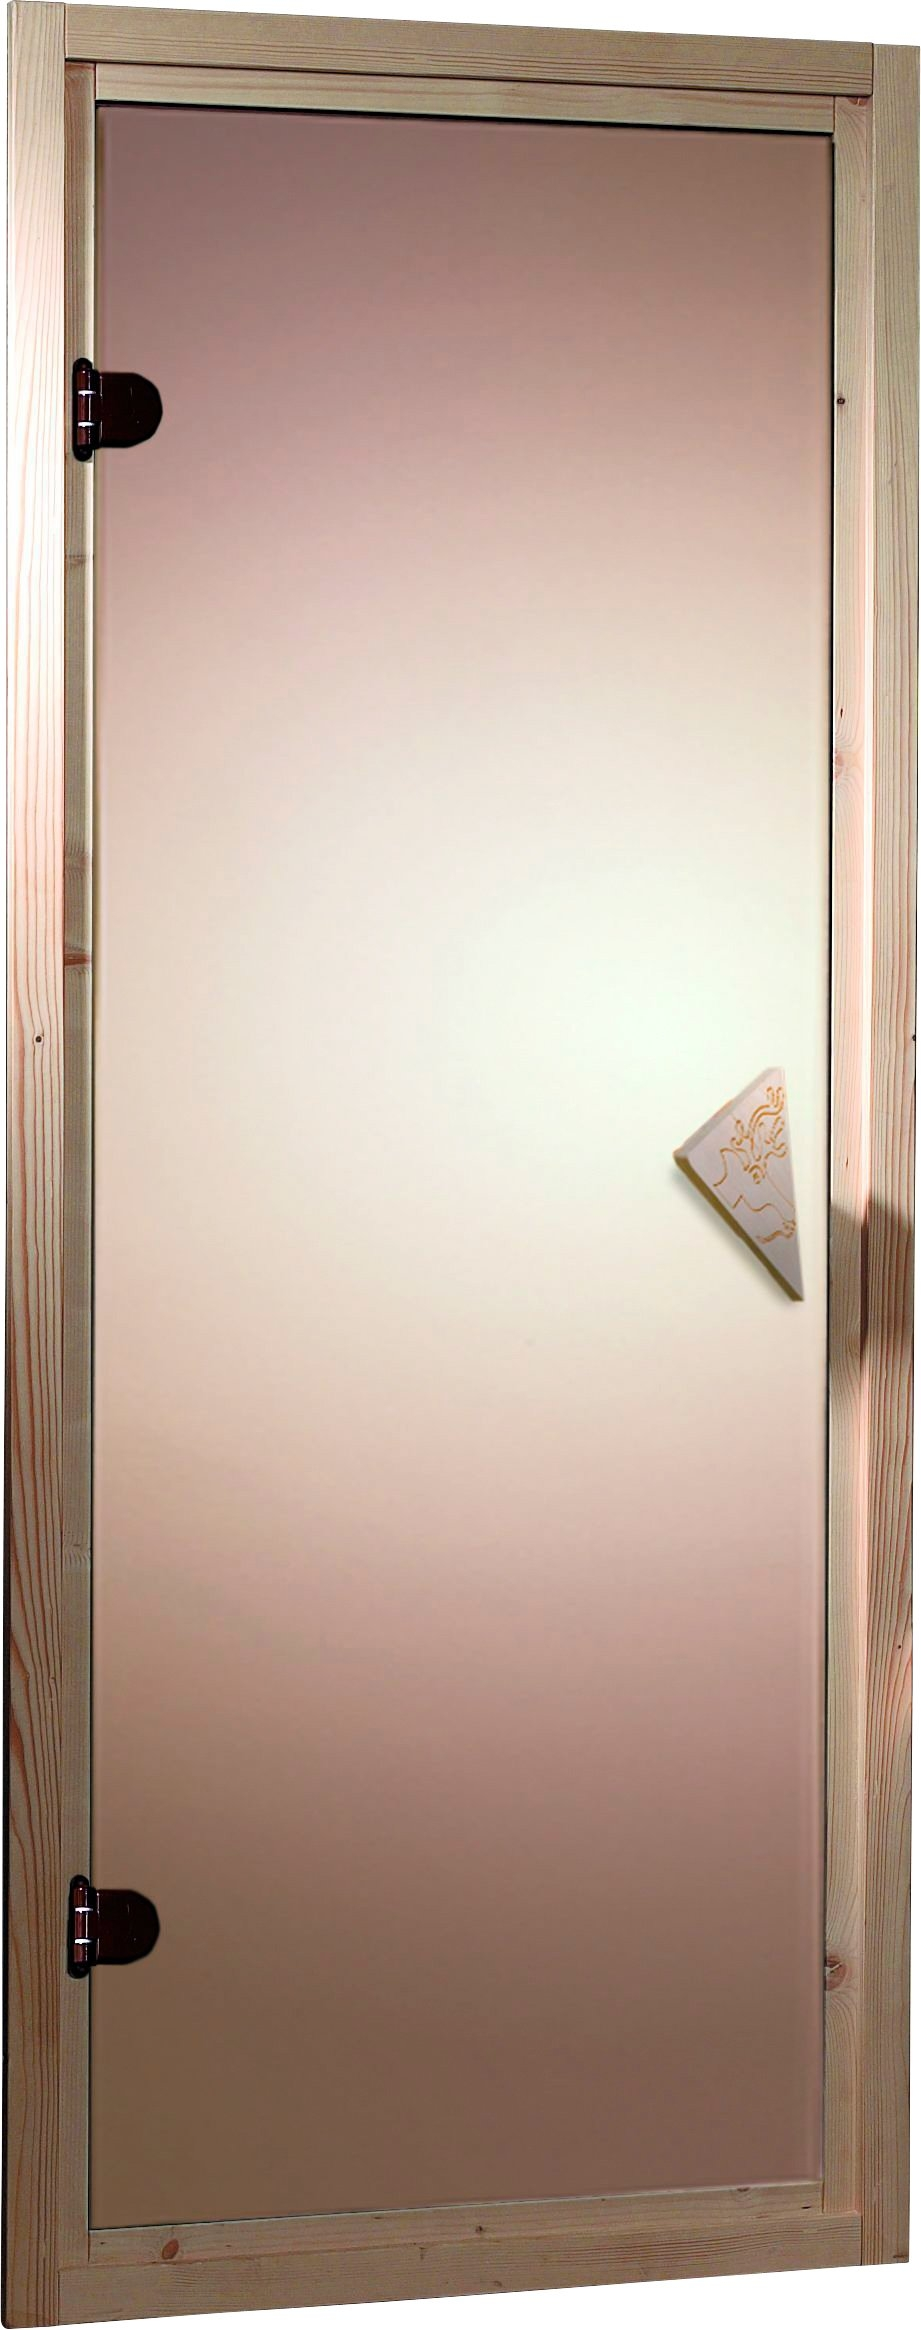 Karibu Saunadeur voor 38/40 mm-sauna, bxh: 64x173 cm veilig op otto.nl kopen